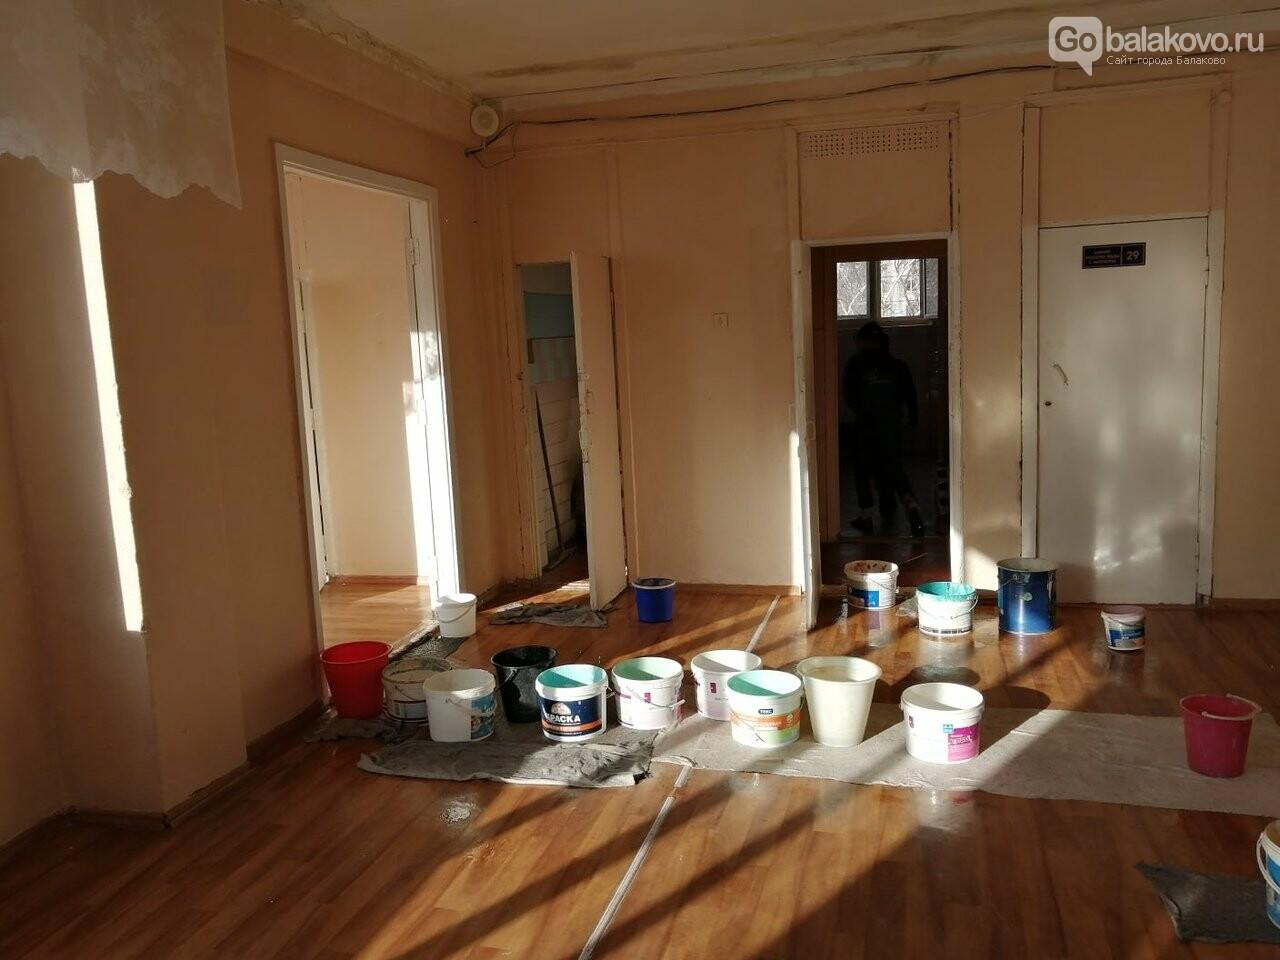 В балаковской школе из-за перепада температур стала протекать крыша, фото-1